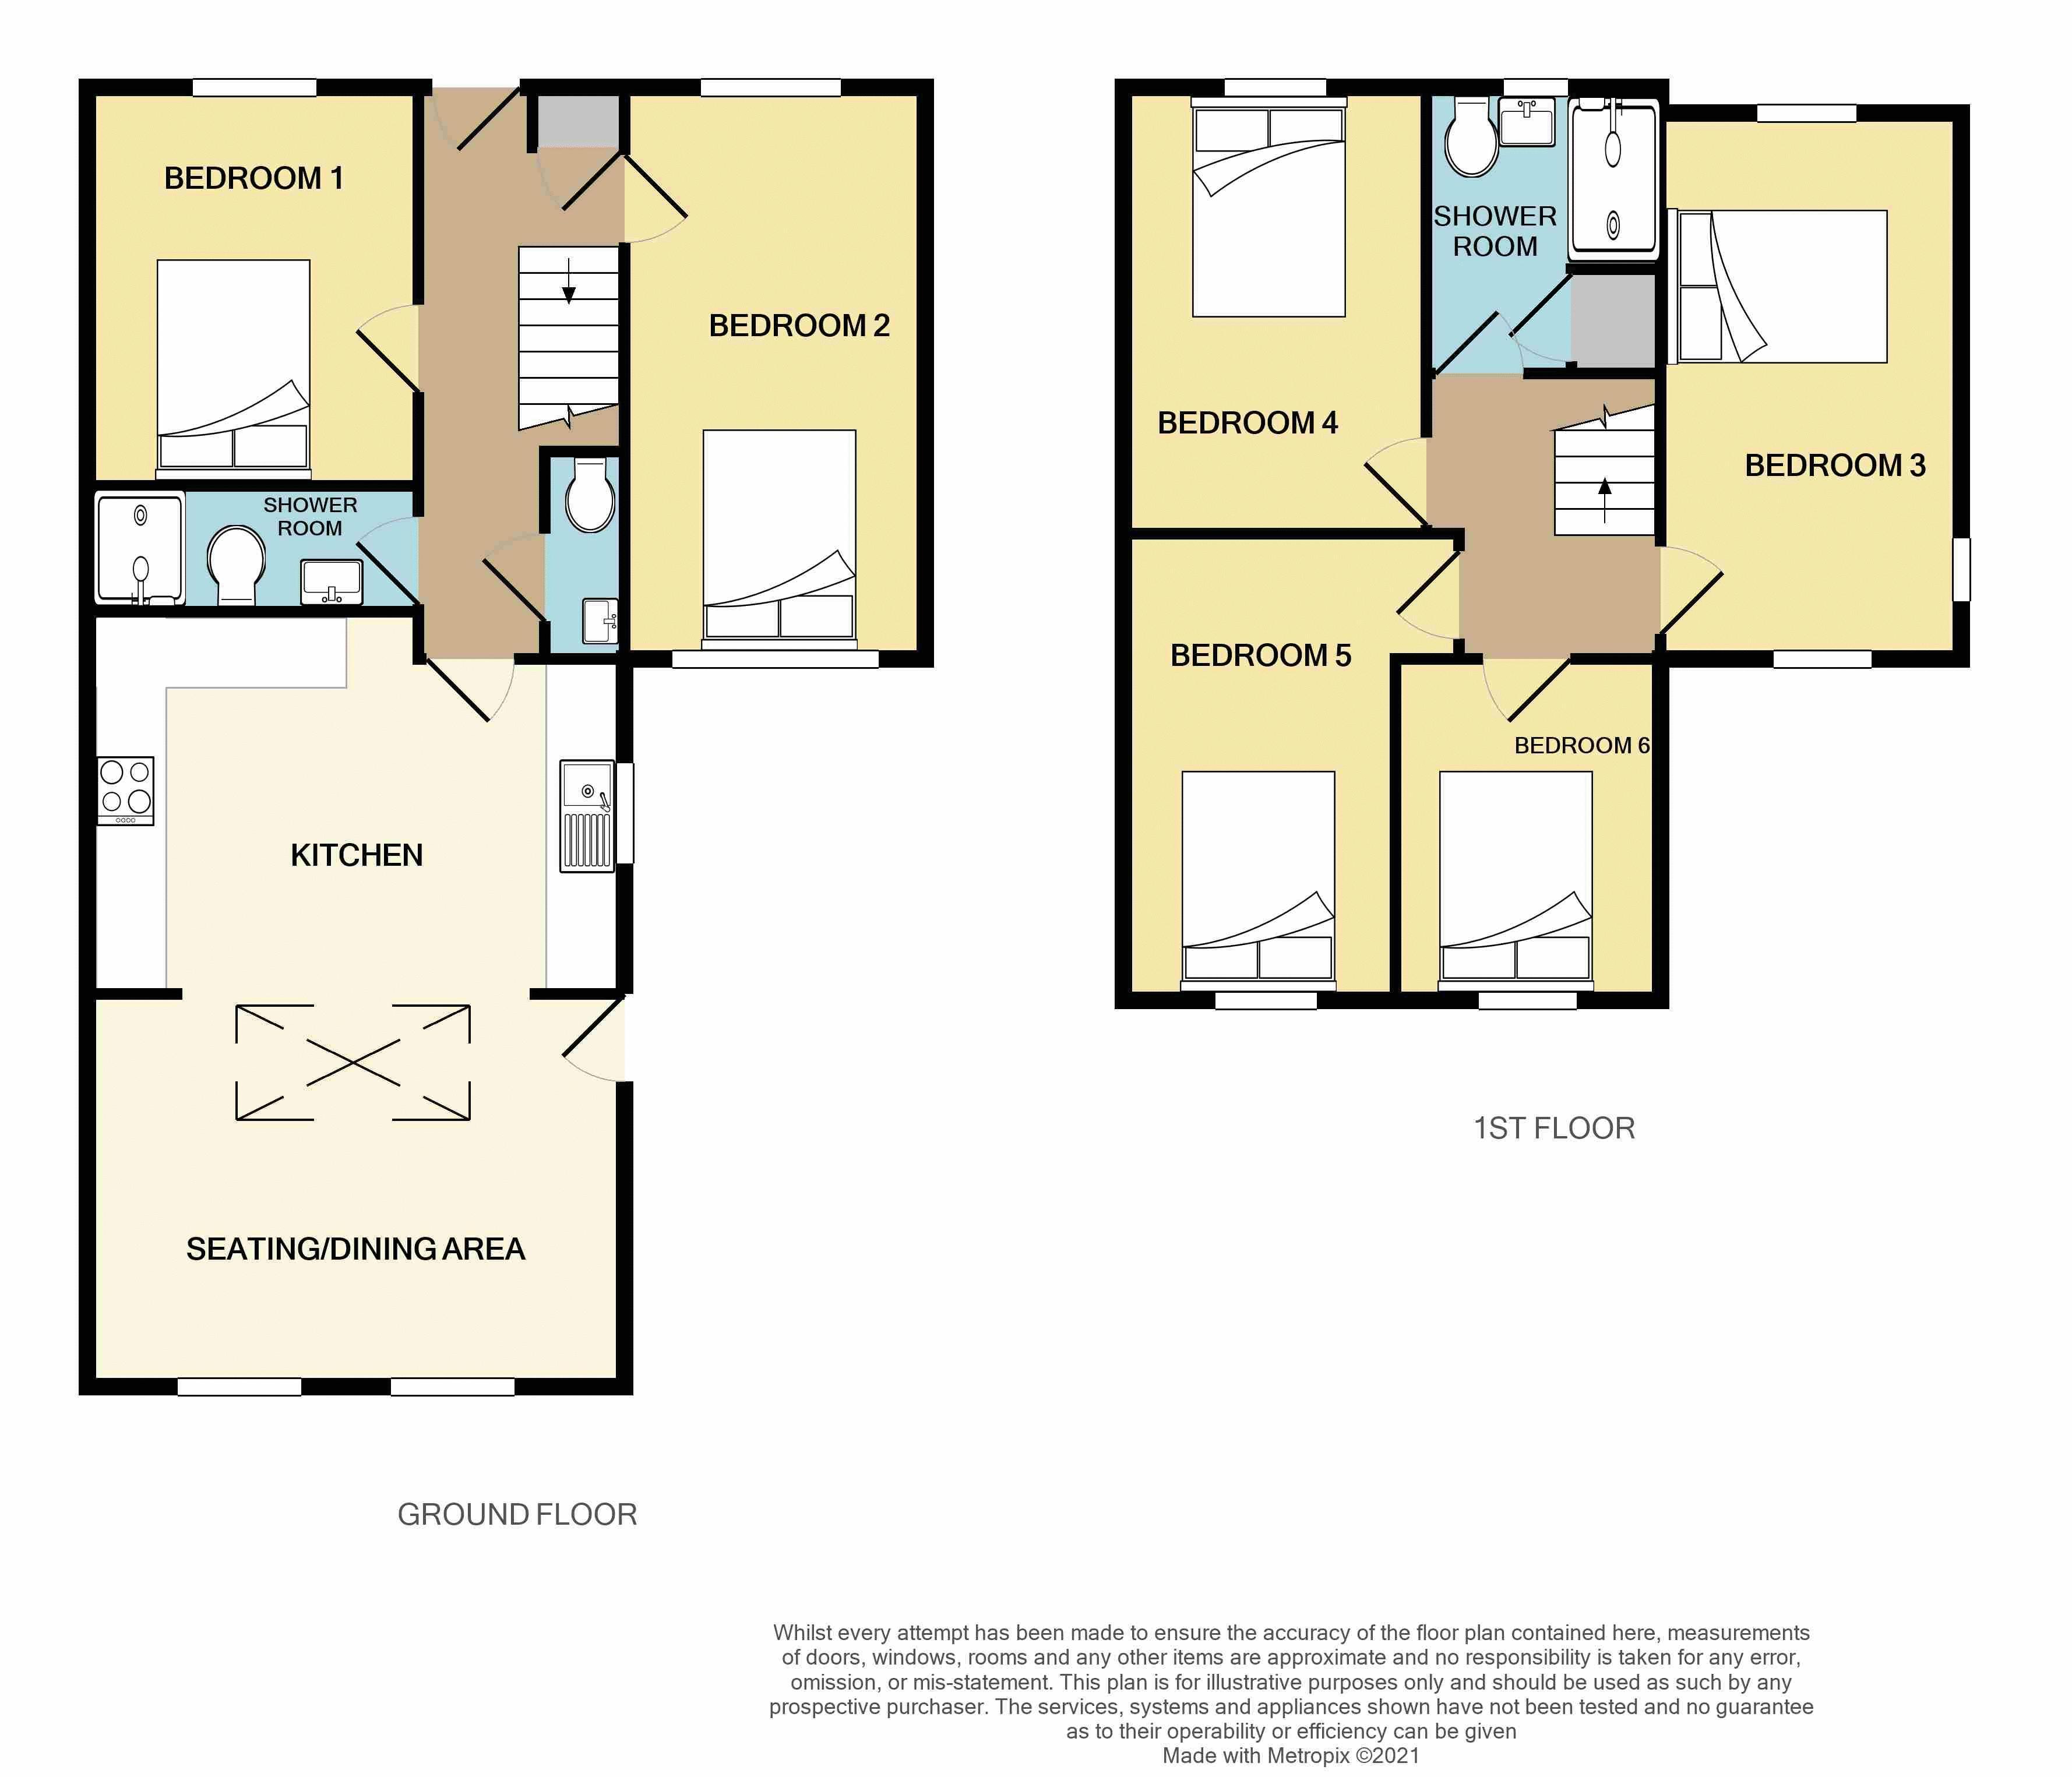 Room 4, Bishop Westall Road, Exeter floorplan